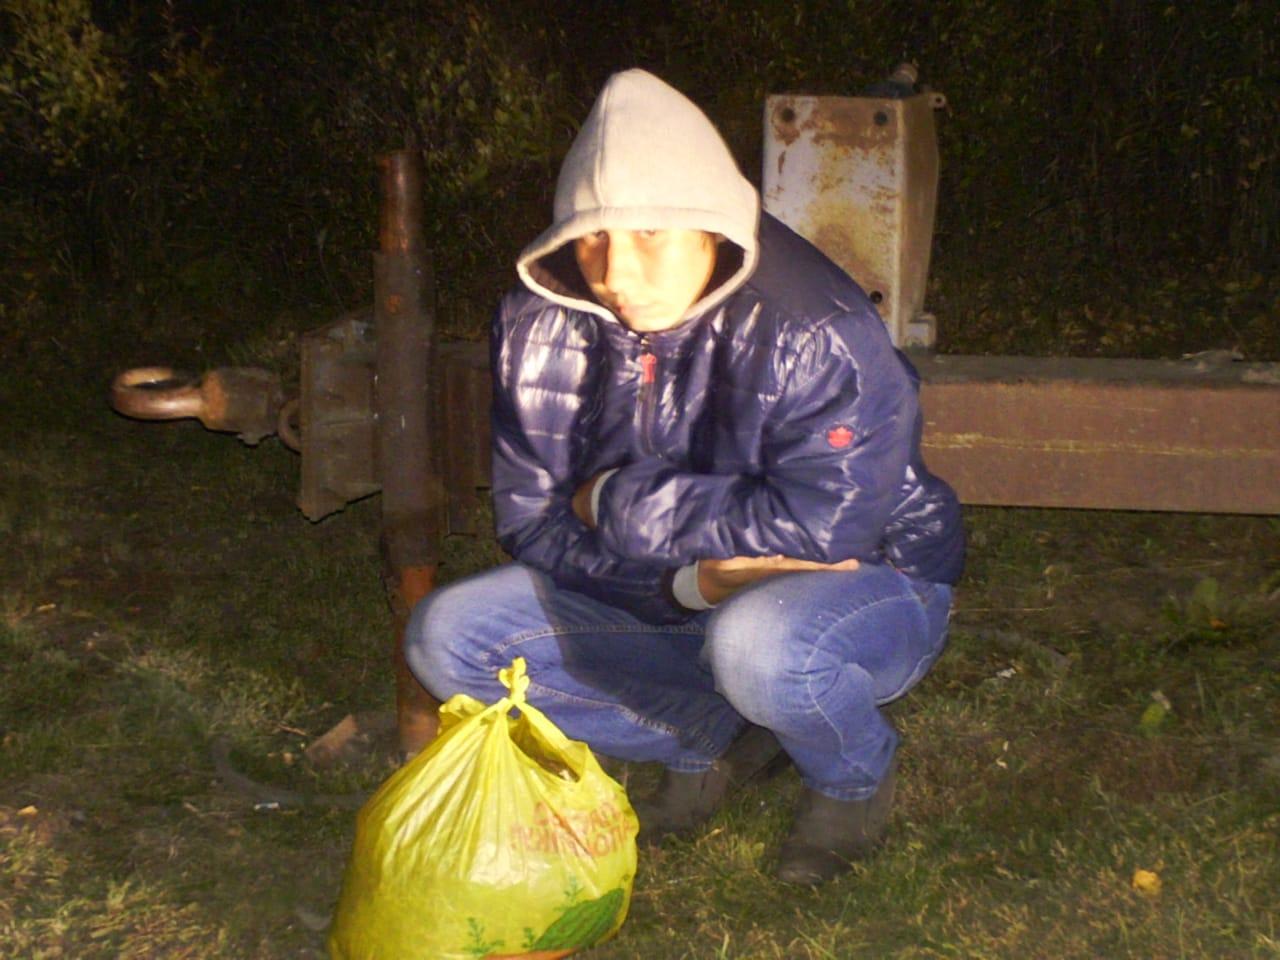 В омске изъято 9 кг гашиша Скорость online СВАО